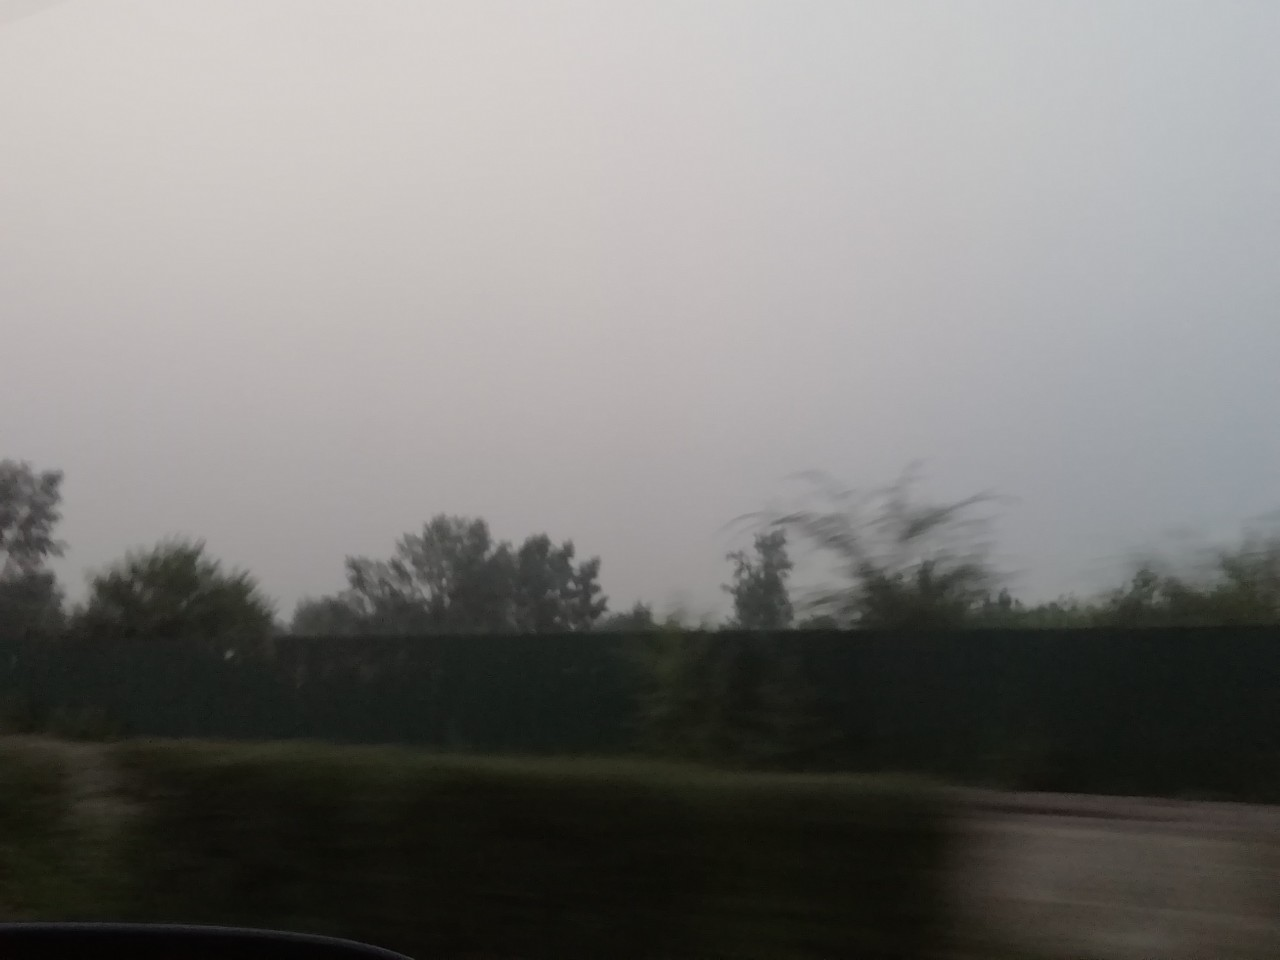 Дым от сибирских пожаров накрыл Читу. 31 июля 2019 г.